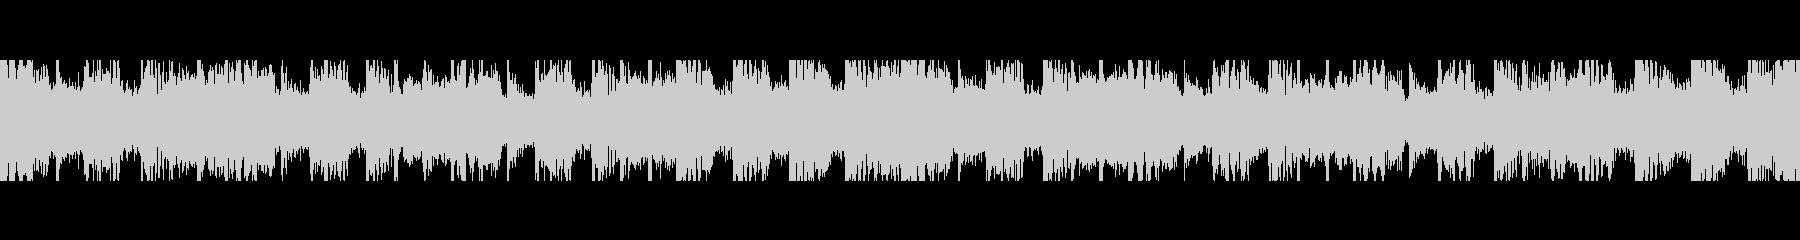 インド感満載曲のループの未再生の波形